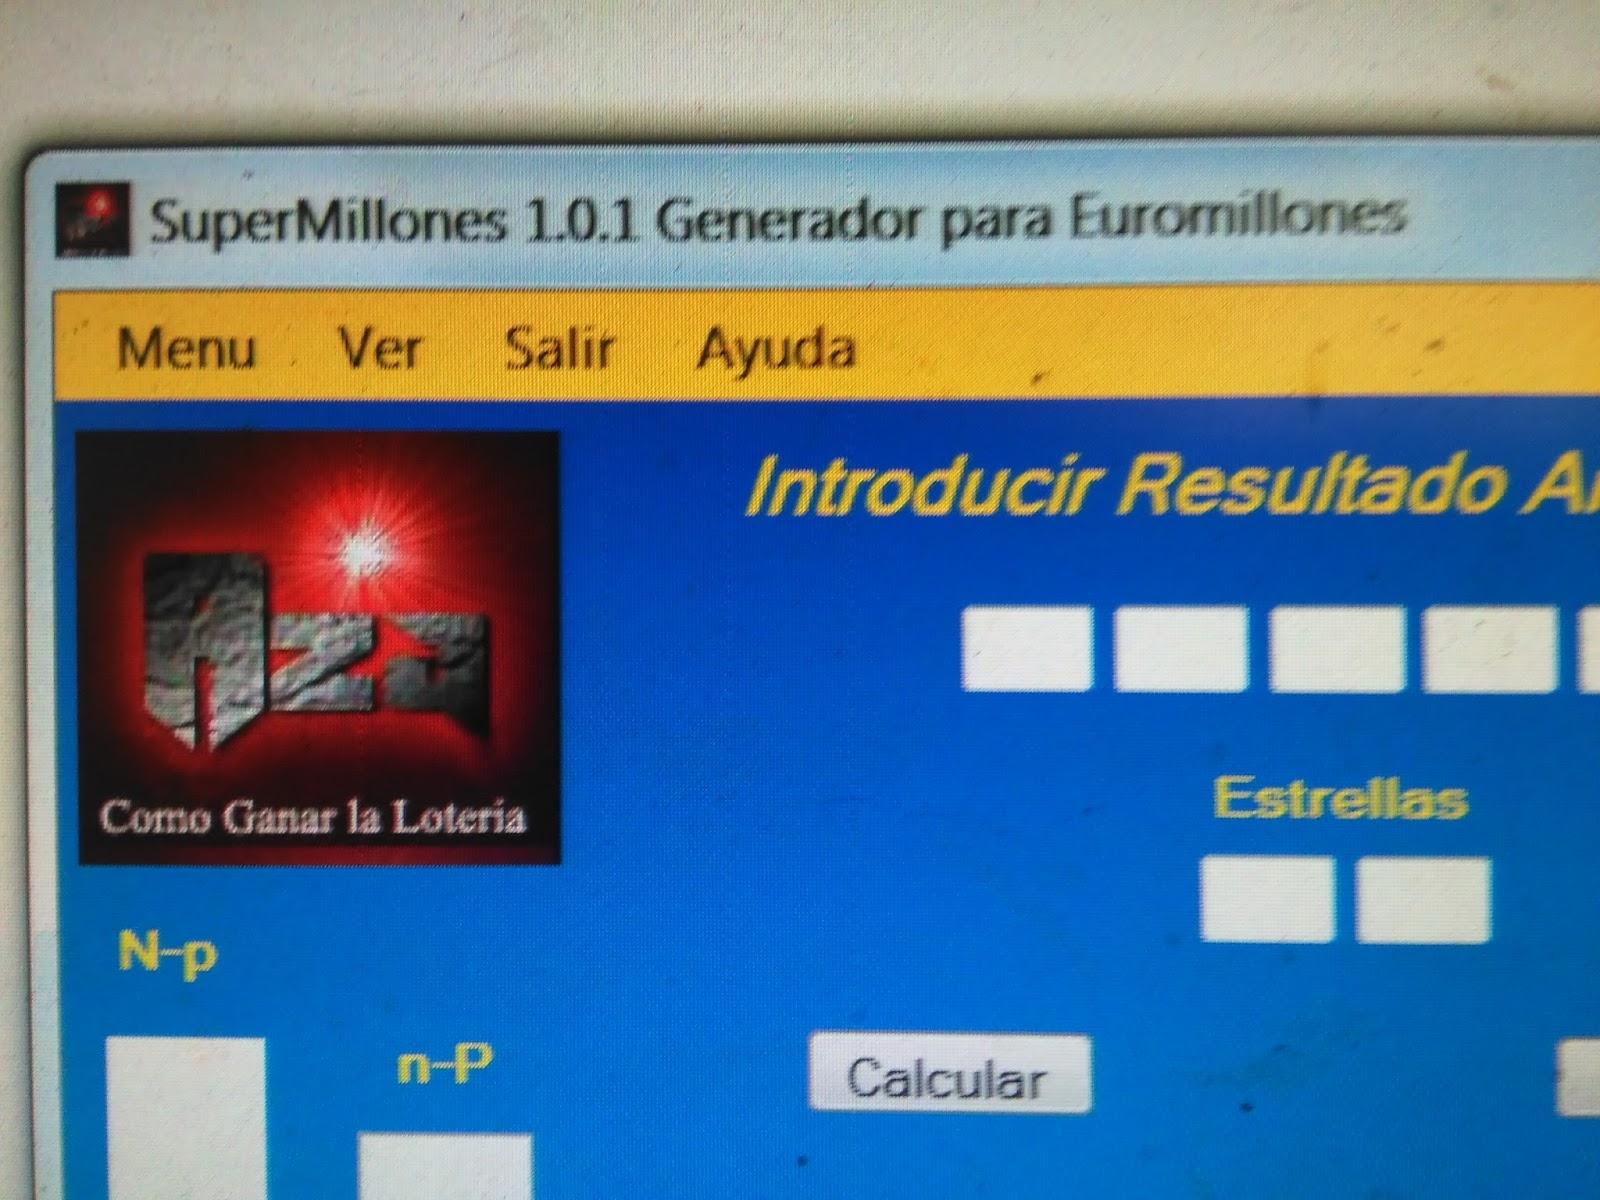 Sorteo de Euromillones como jugar blackjack en casa-865831